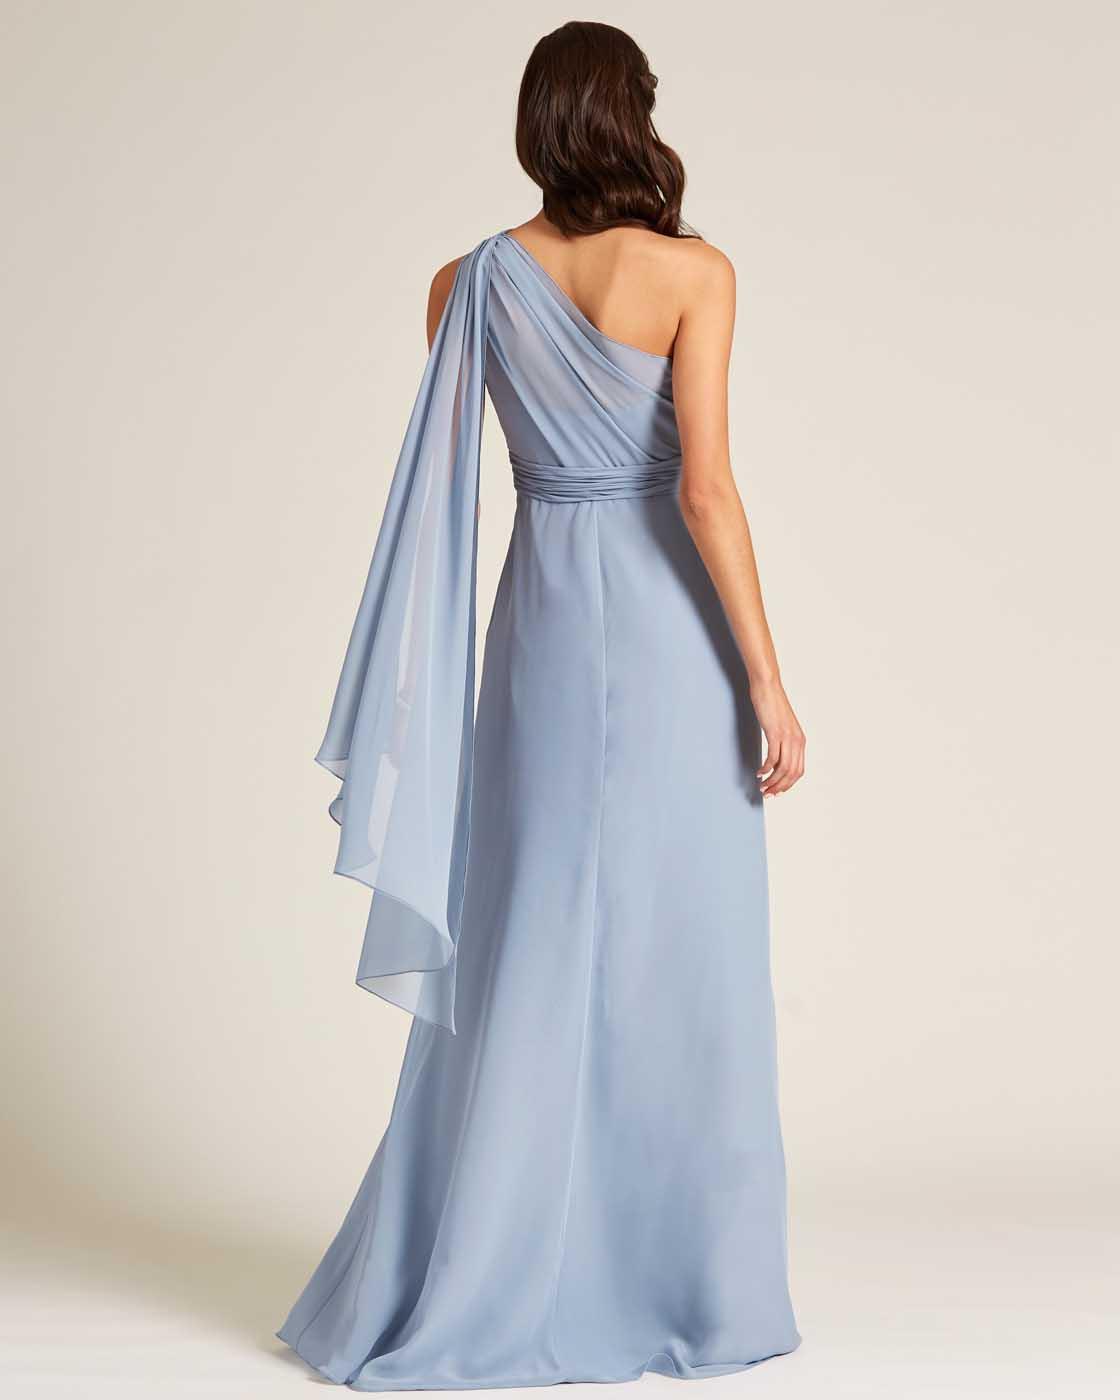 Sky Blue One Shoulder Maxi Dress - Back